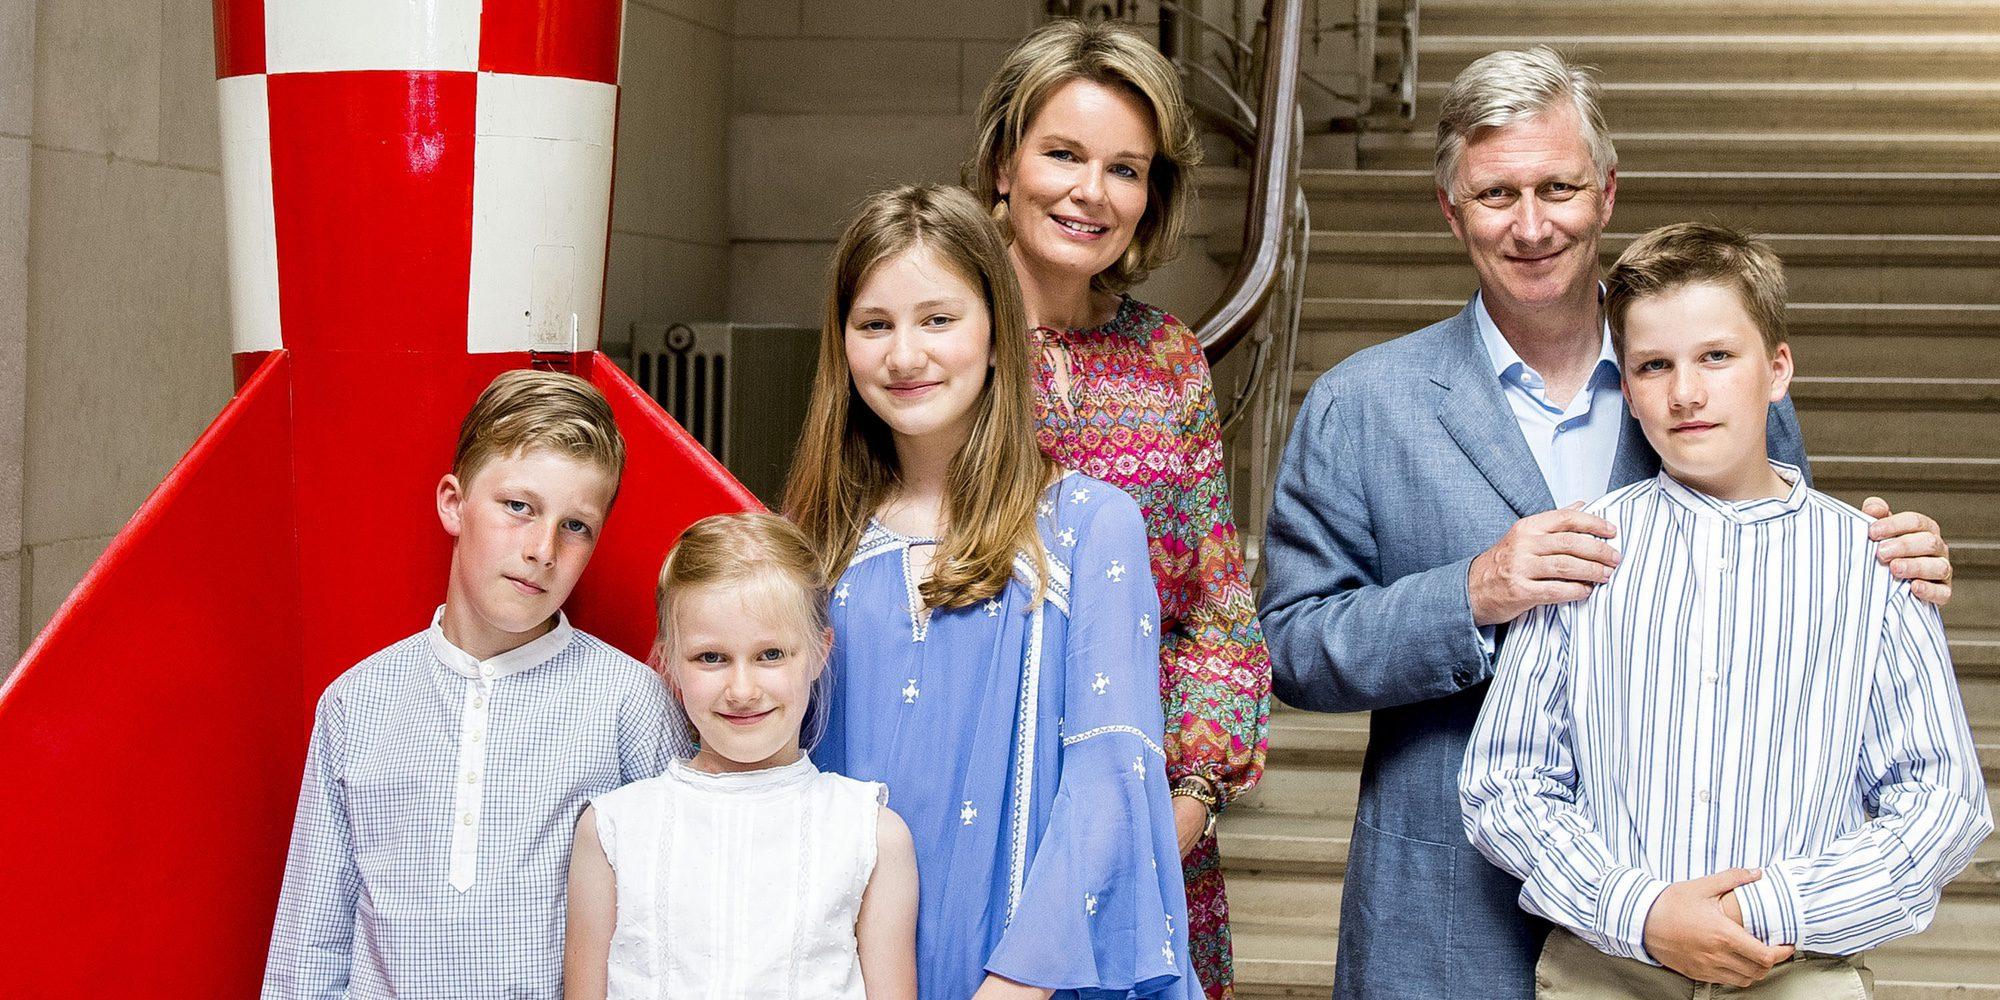 La Semana Santa más devota de Felipe y Matilde de Bélgica con sus hijos en España